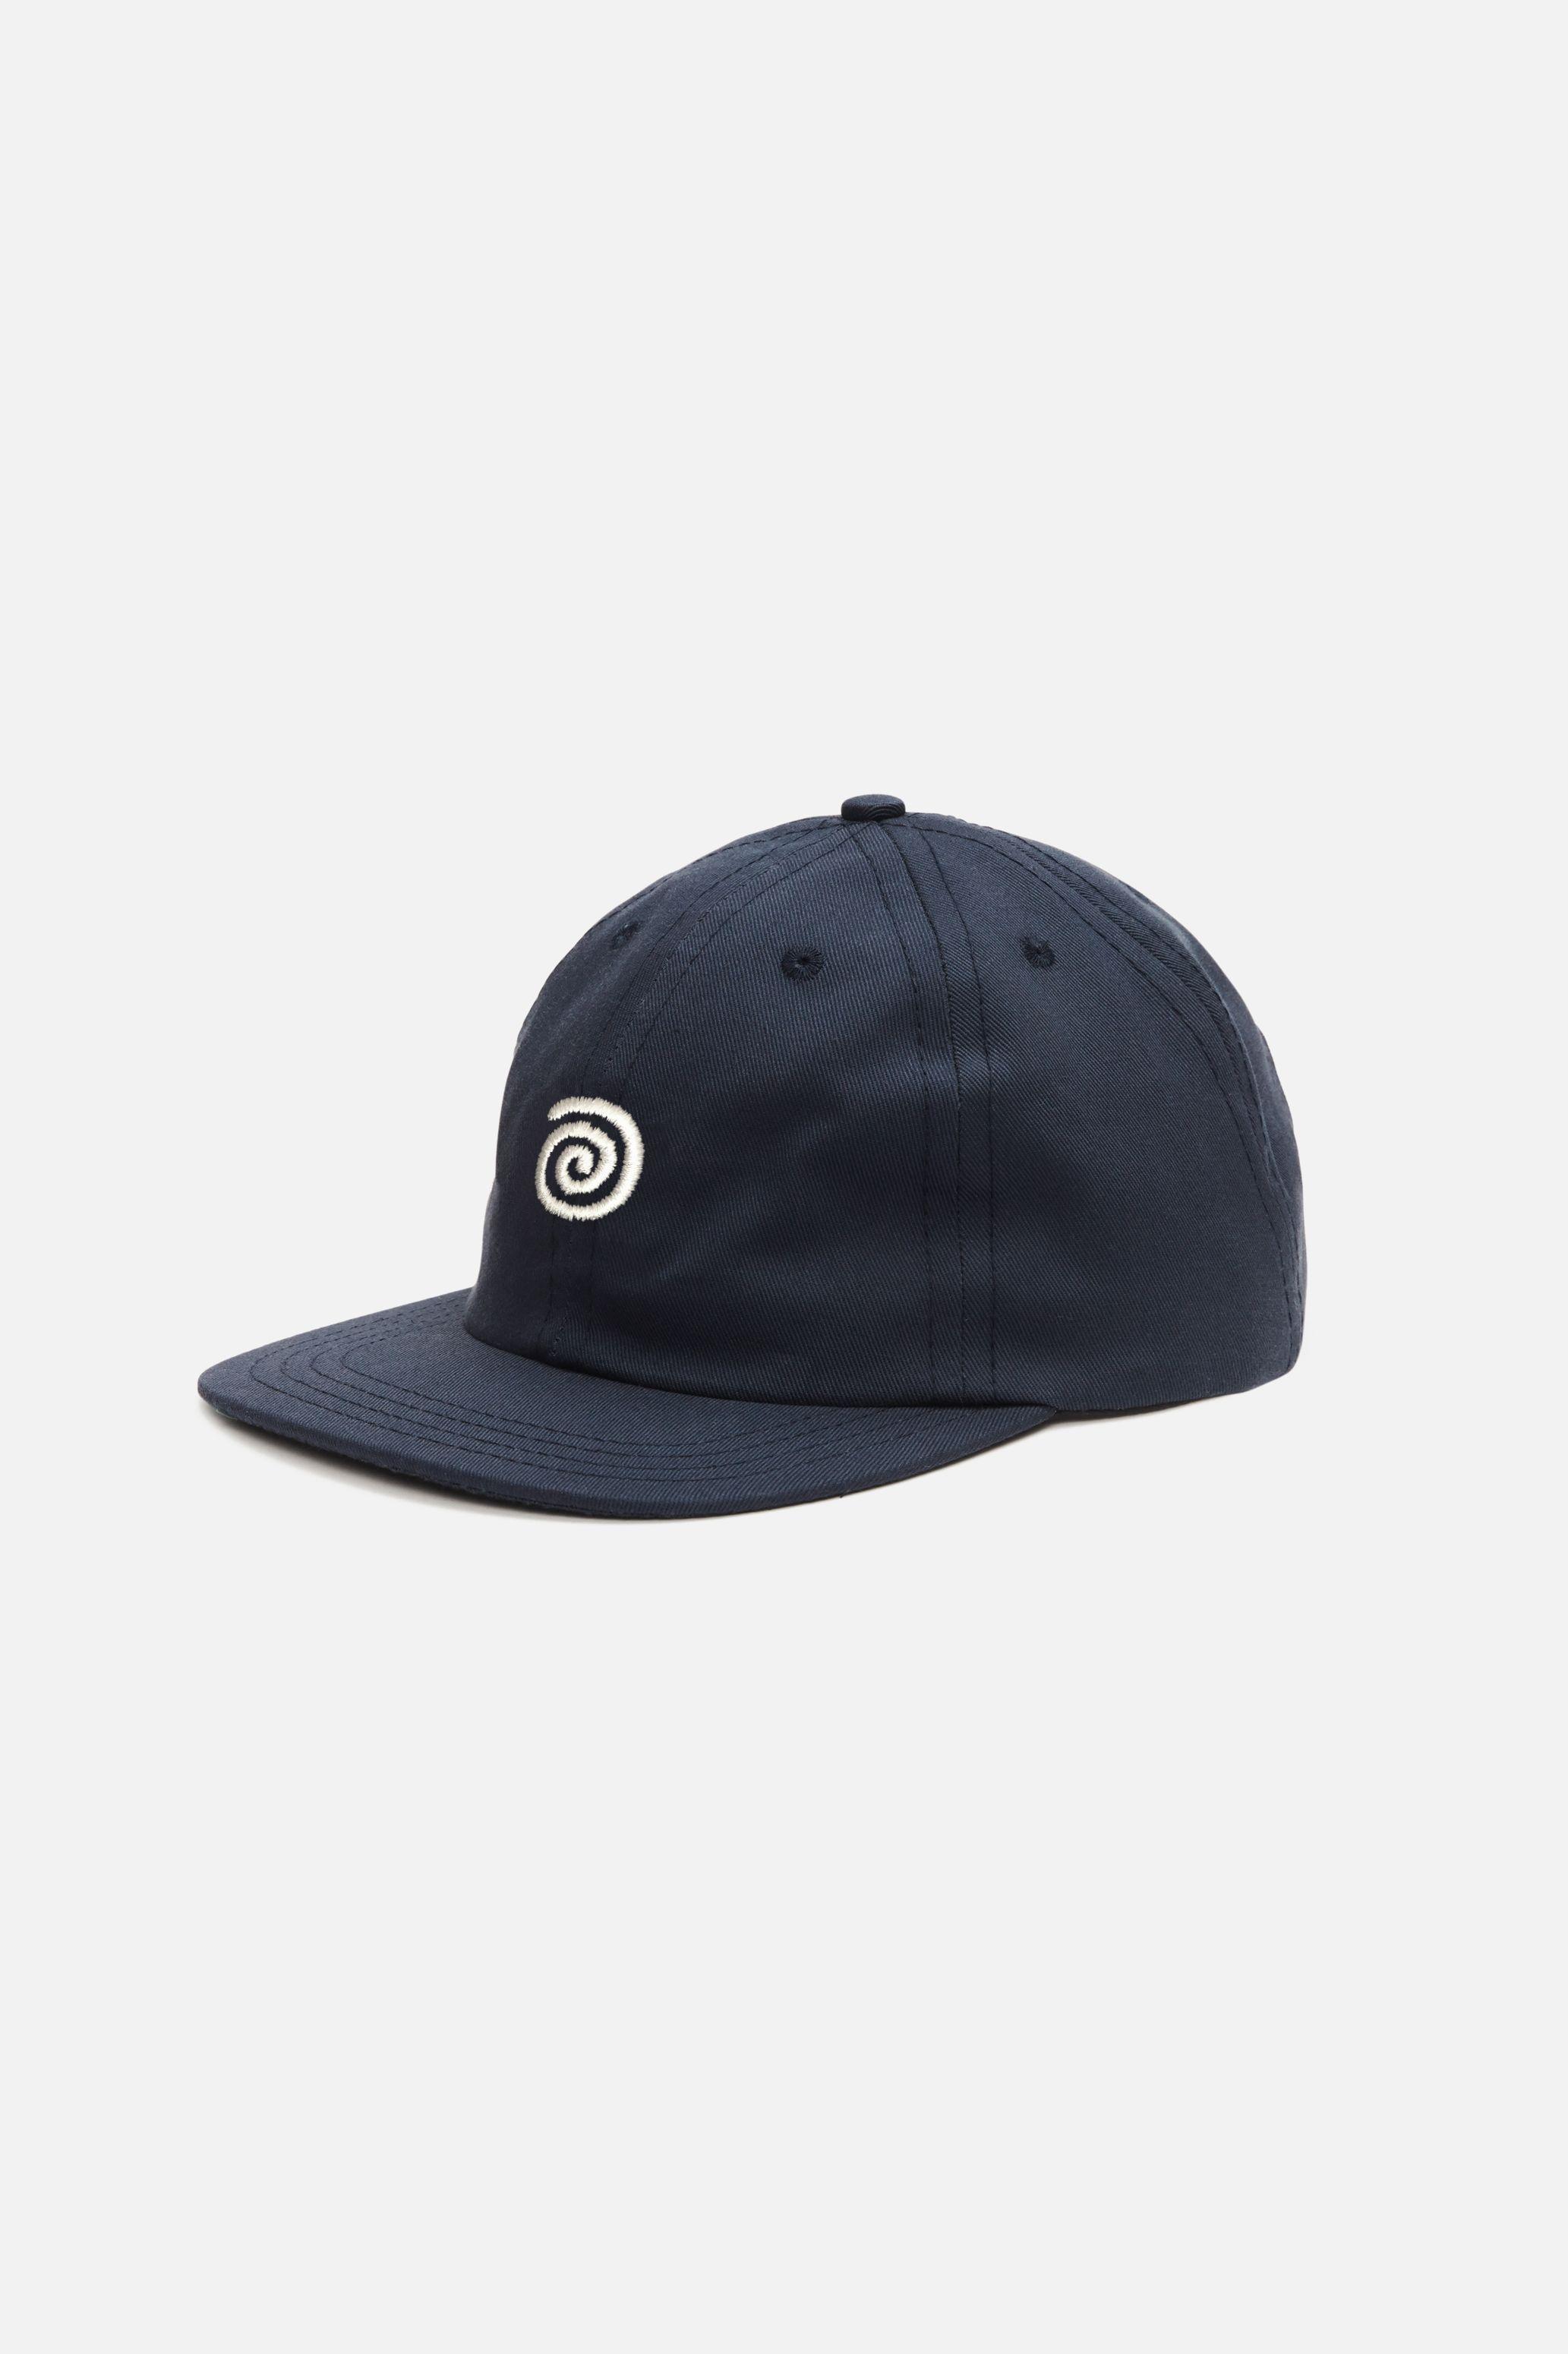 Zen Slow Cap, Mr. Porter